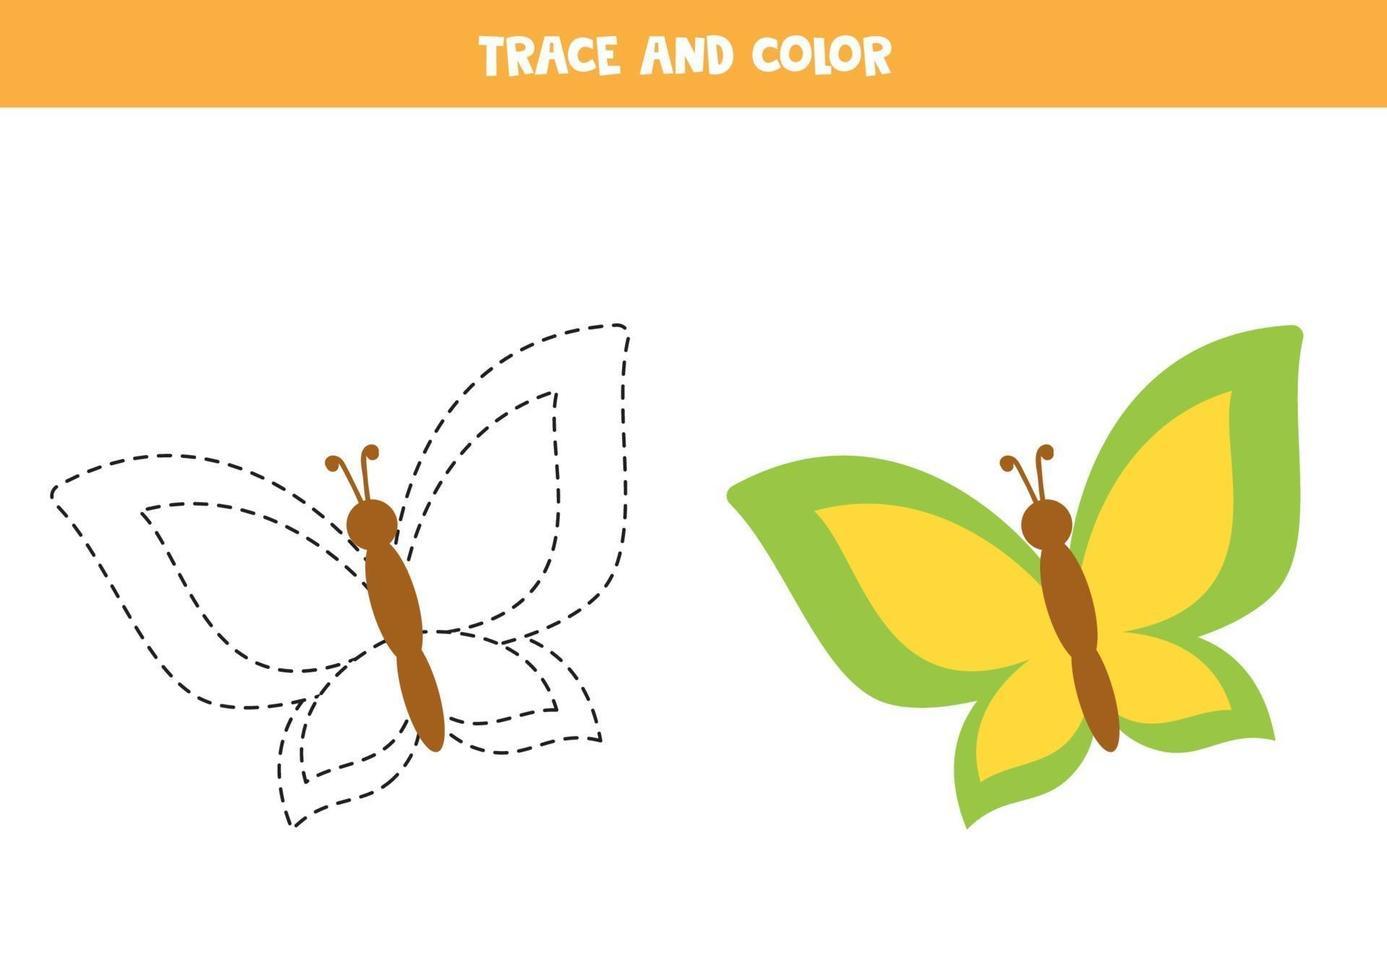 trace et couleur papillon mignon. feuille de calcul de l'espace pour les enfants. vecteur